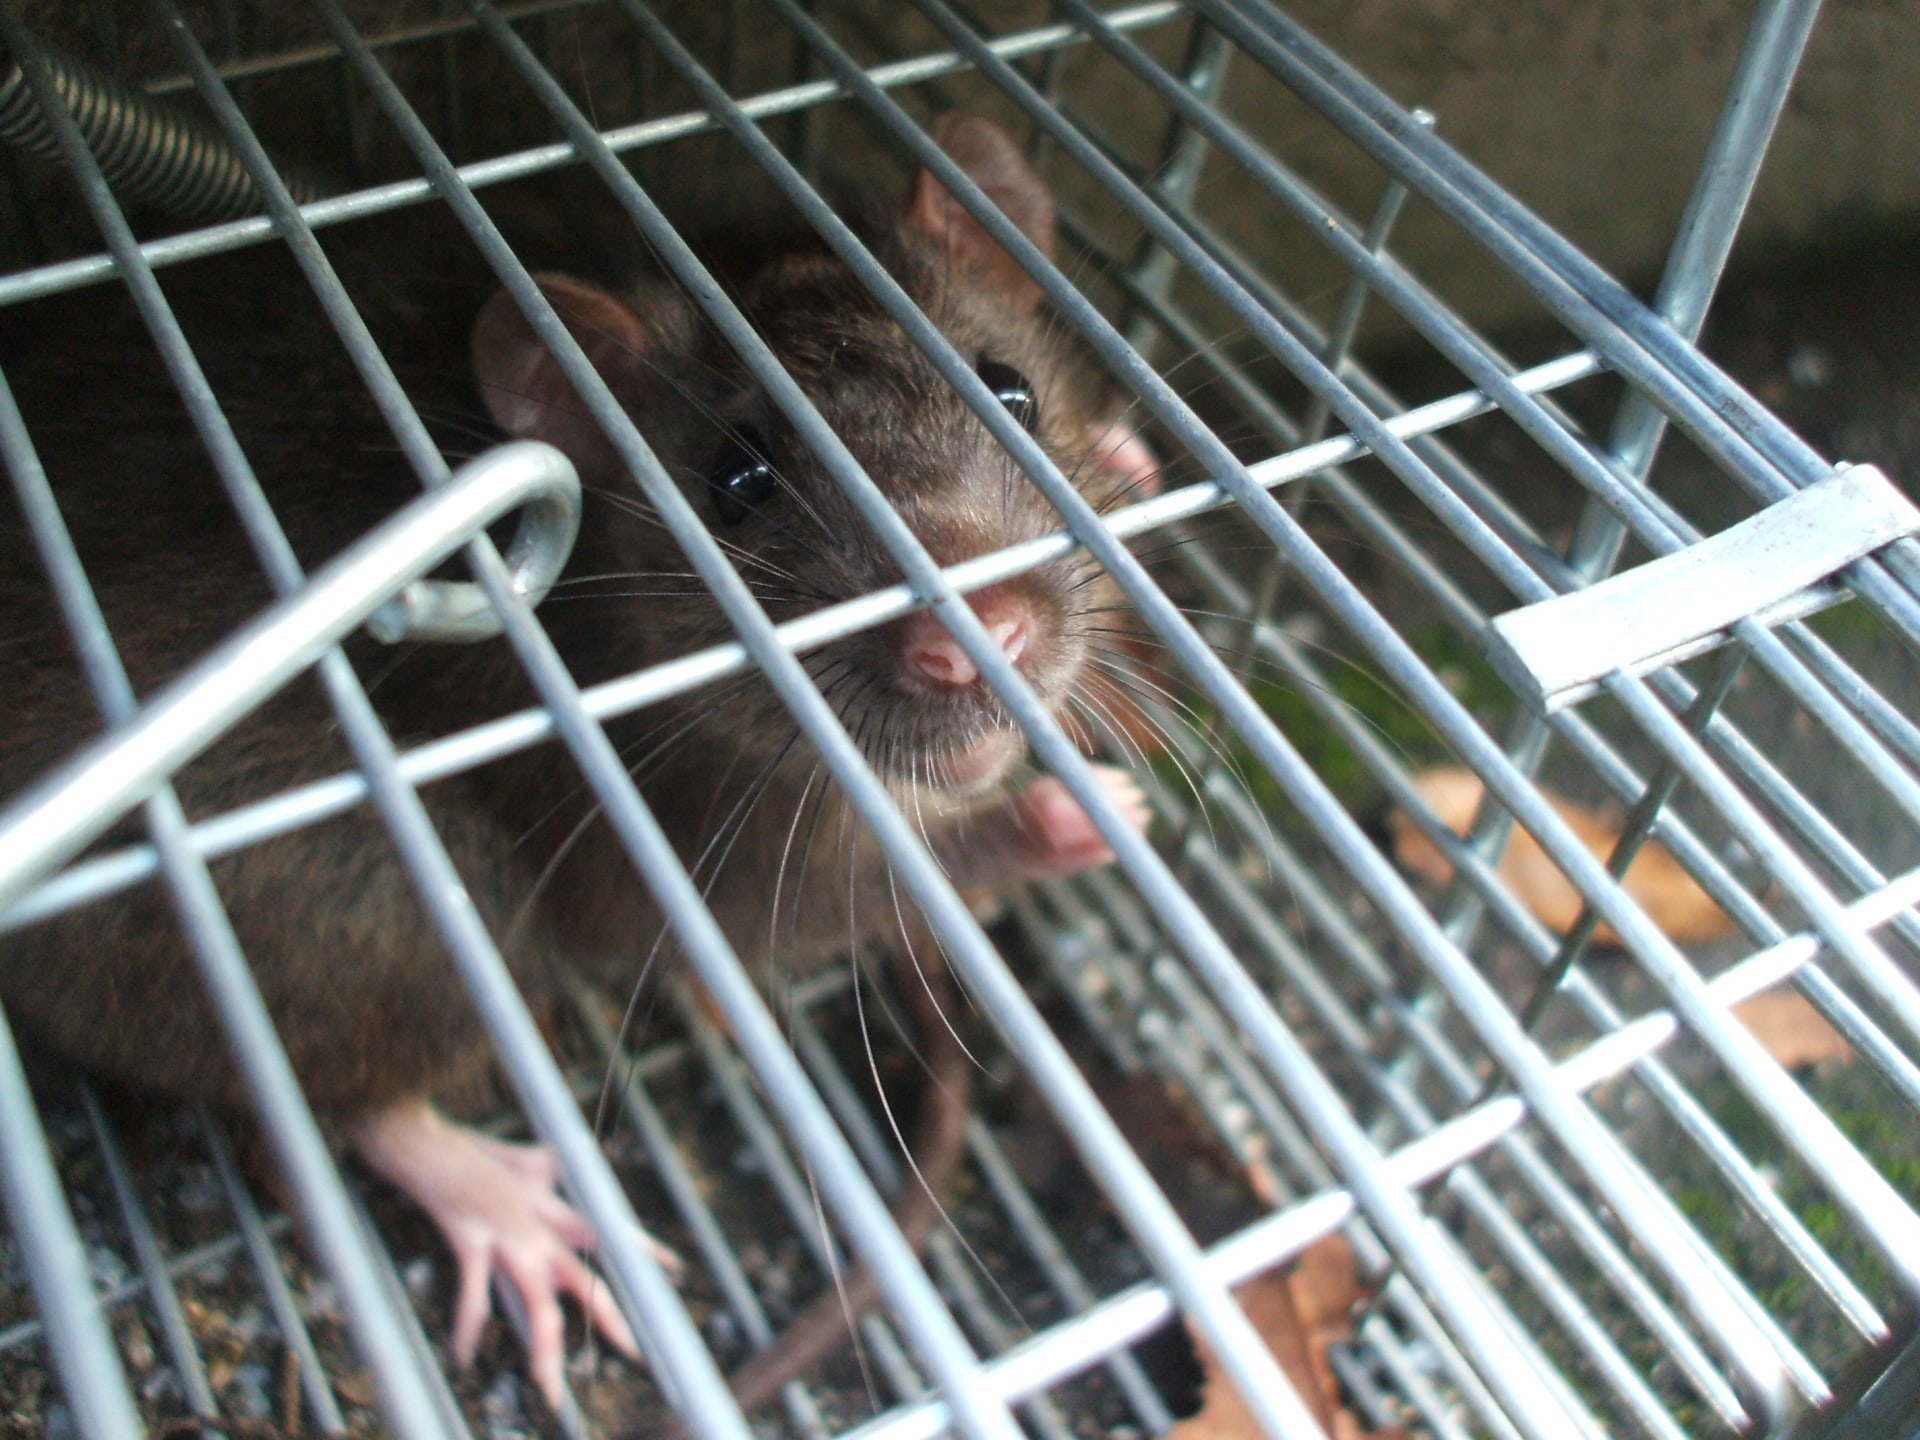 築地市場からあなたの家に?ネズミや小動物がもたらす被害